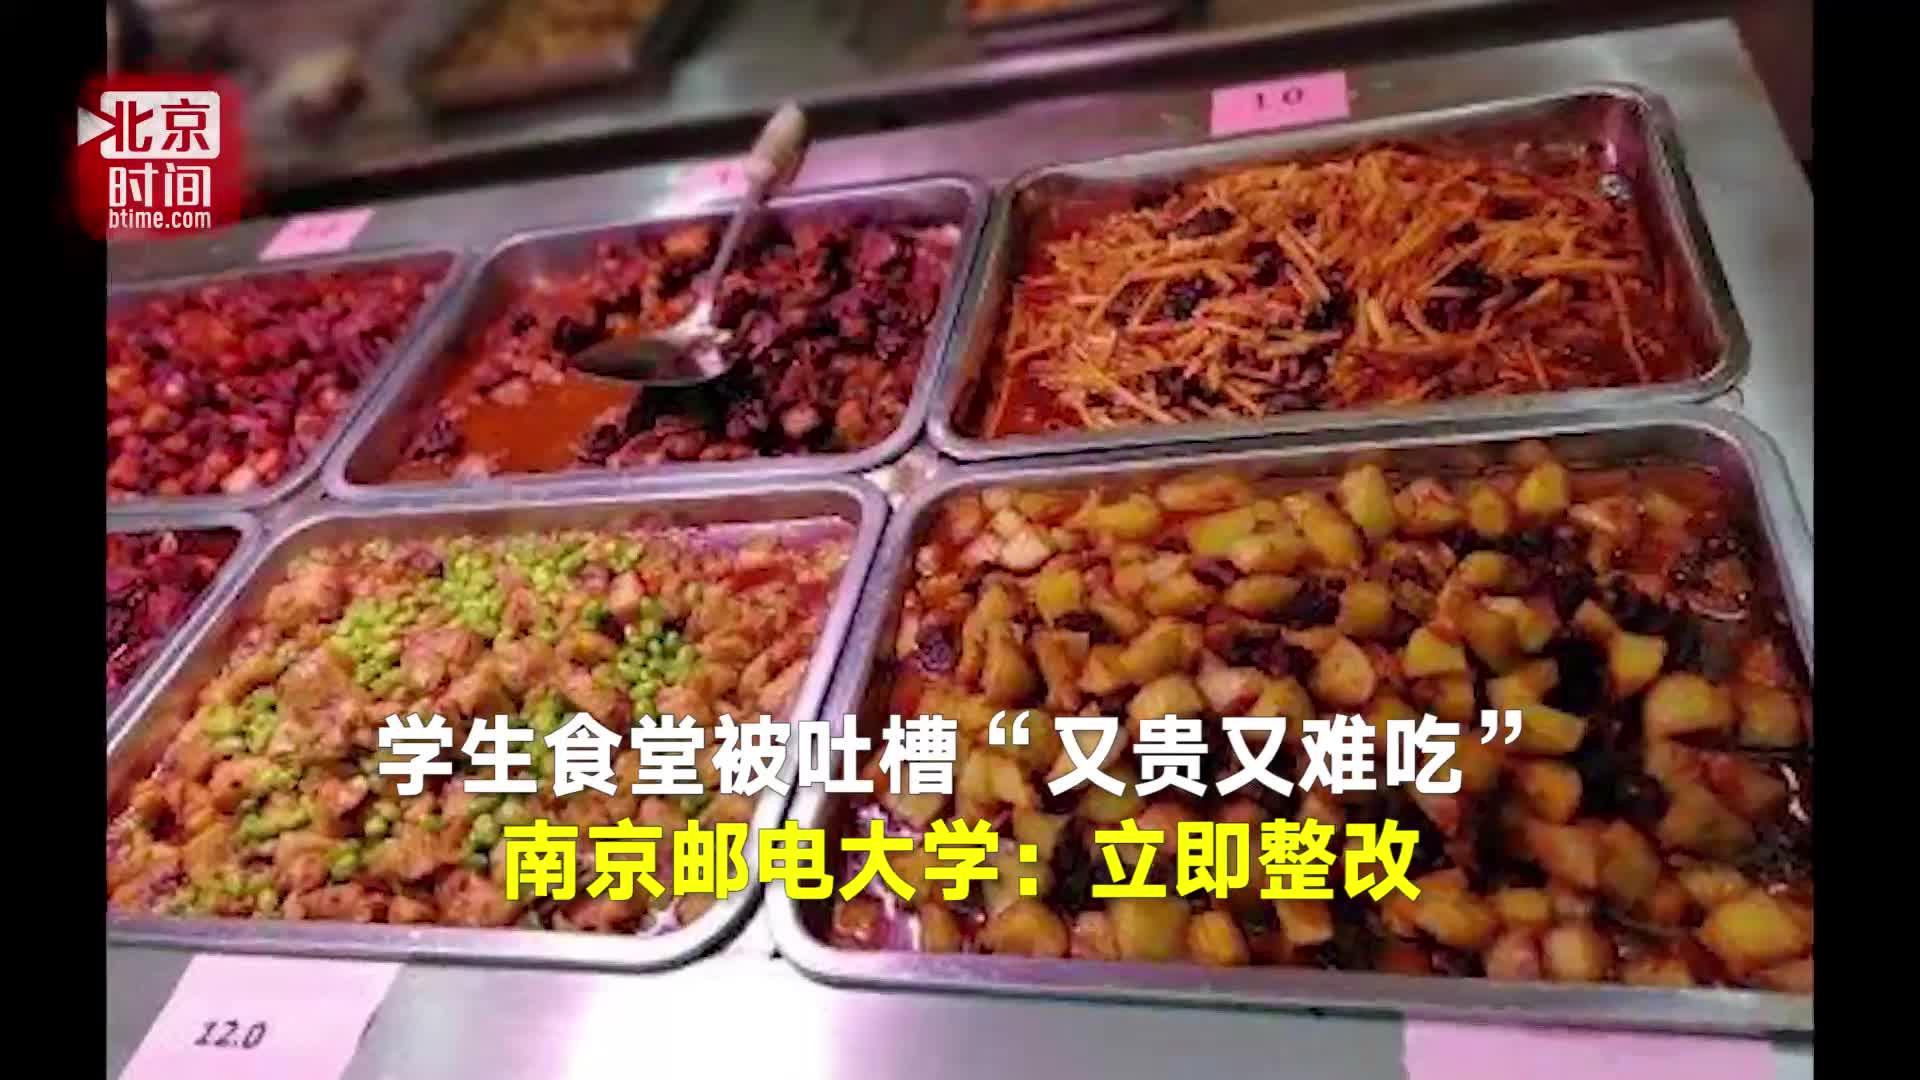 """[视频]学生食堂被吐槽""""又贵又难吃"""" 校方:立即整改"""